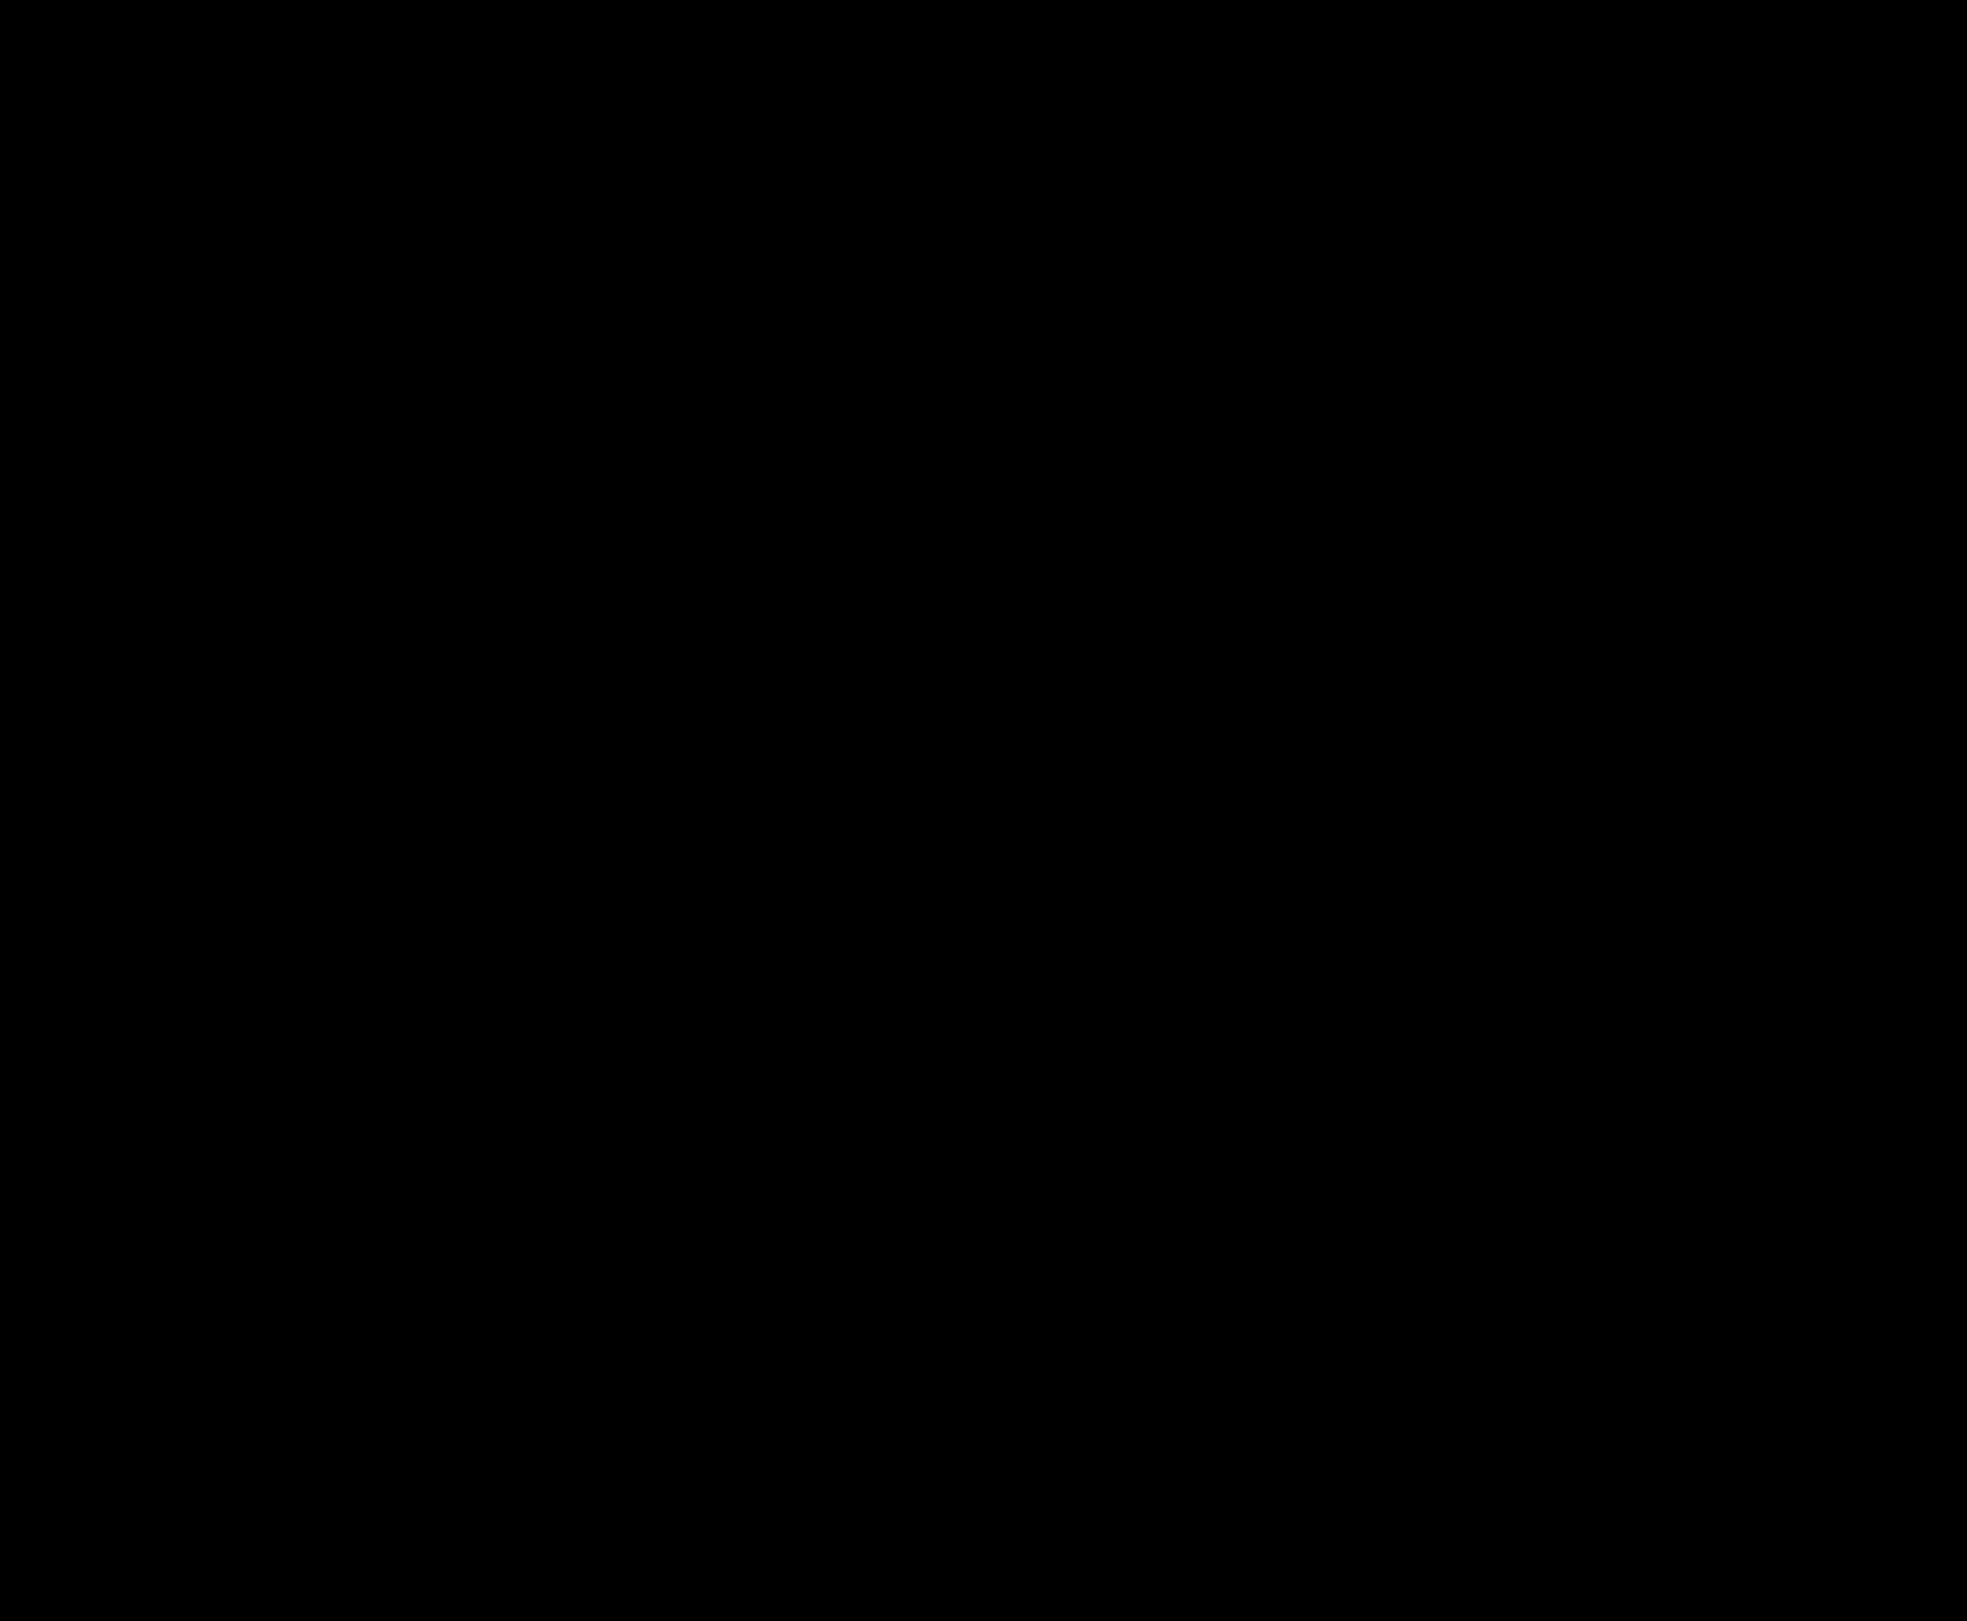 Mōkai Pātea Nui Tonu Mandate Voting Advertised